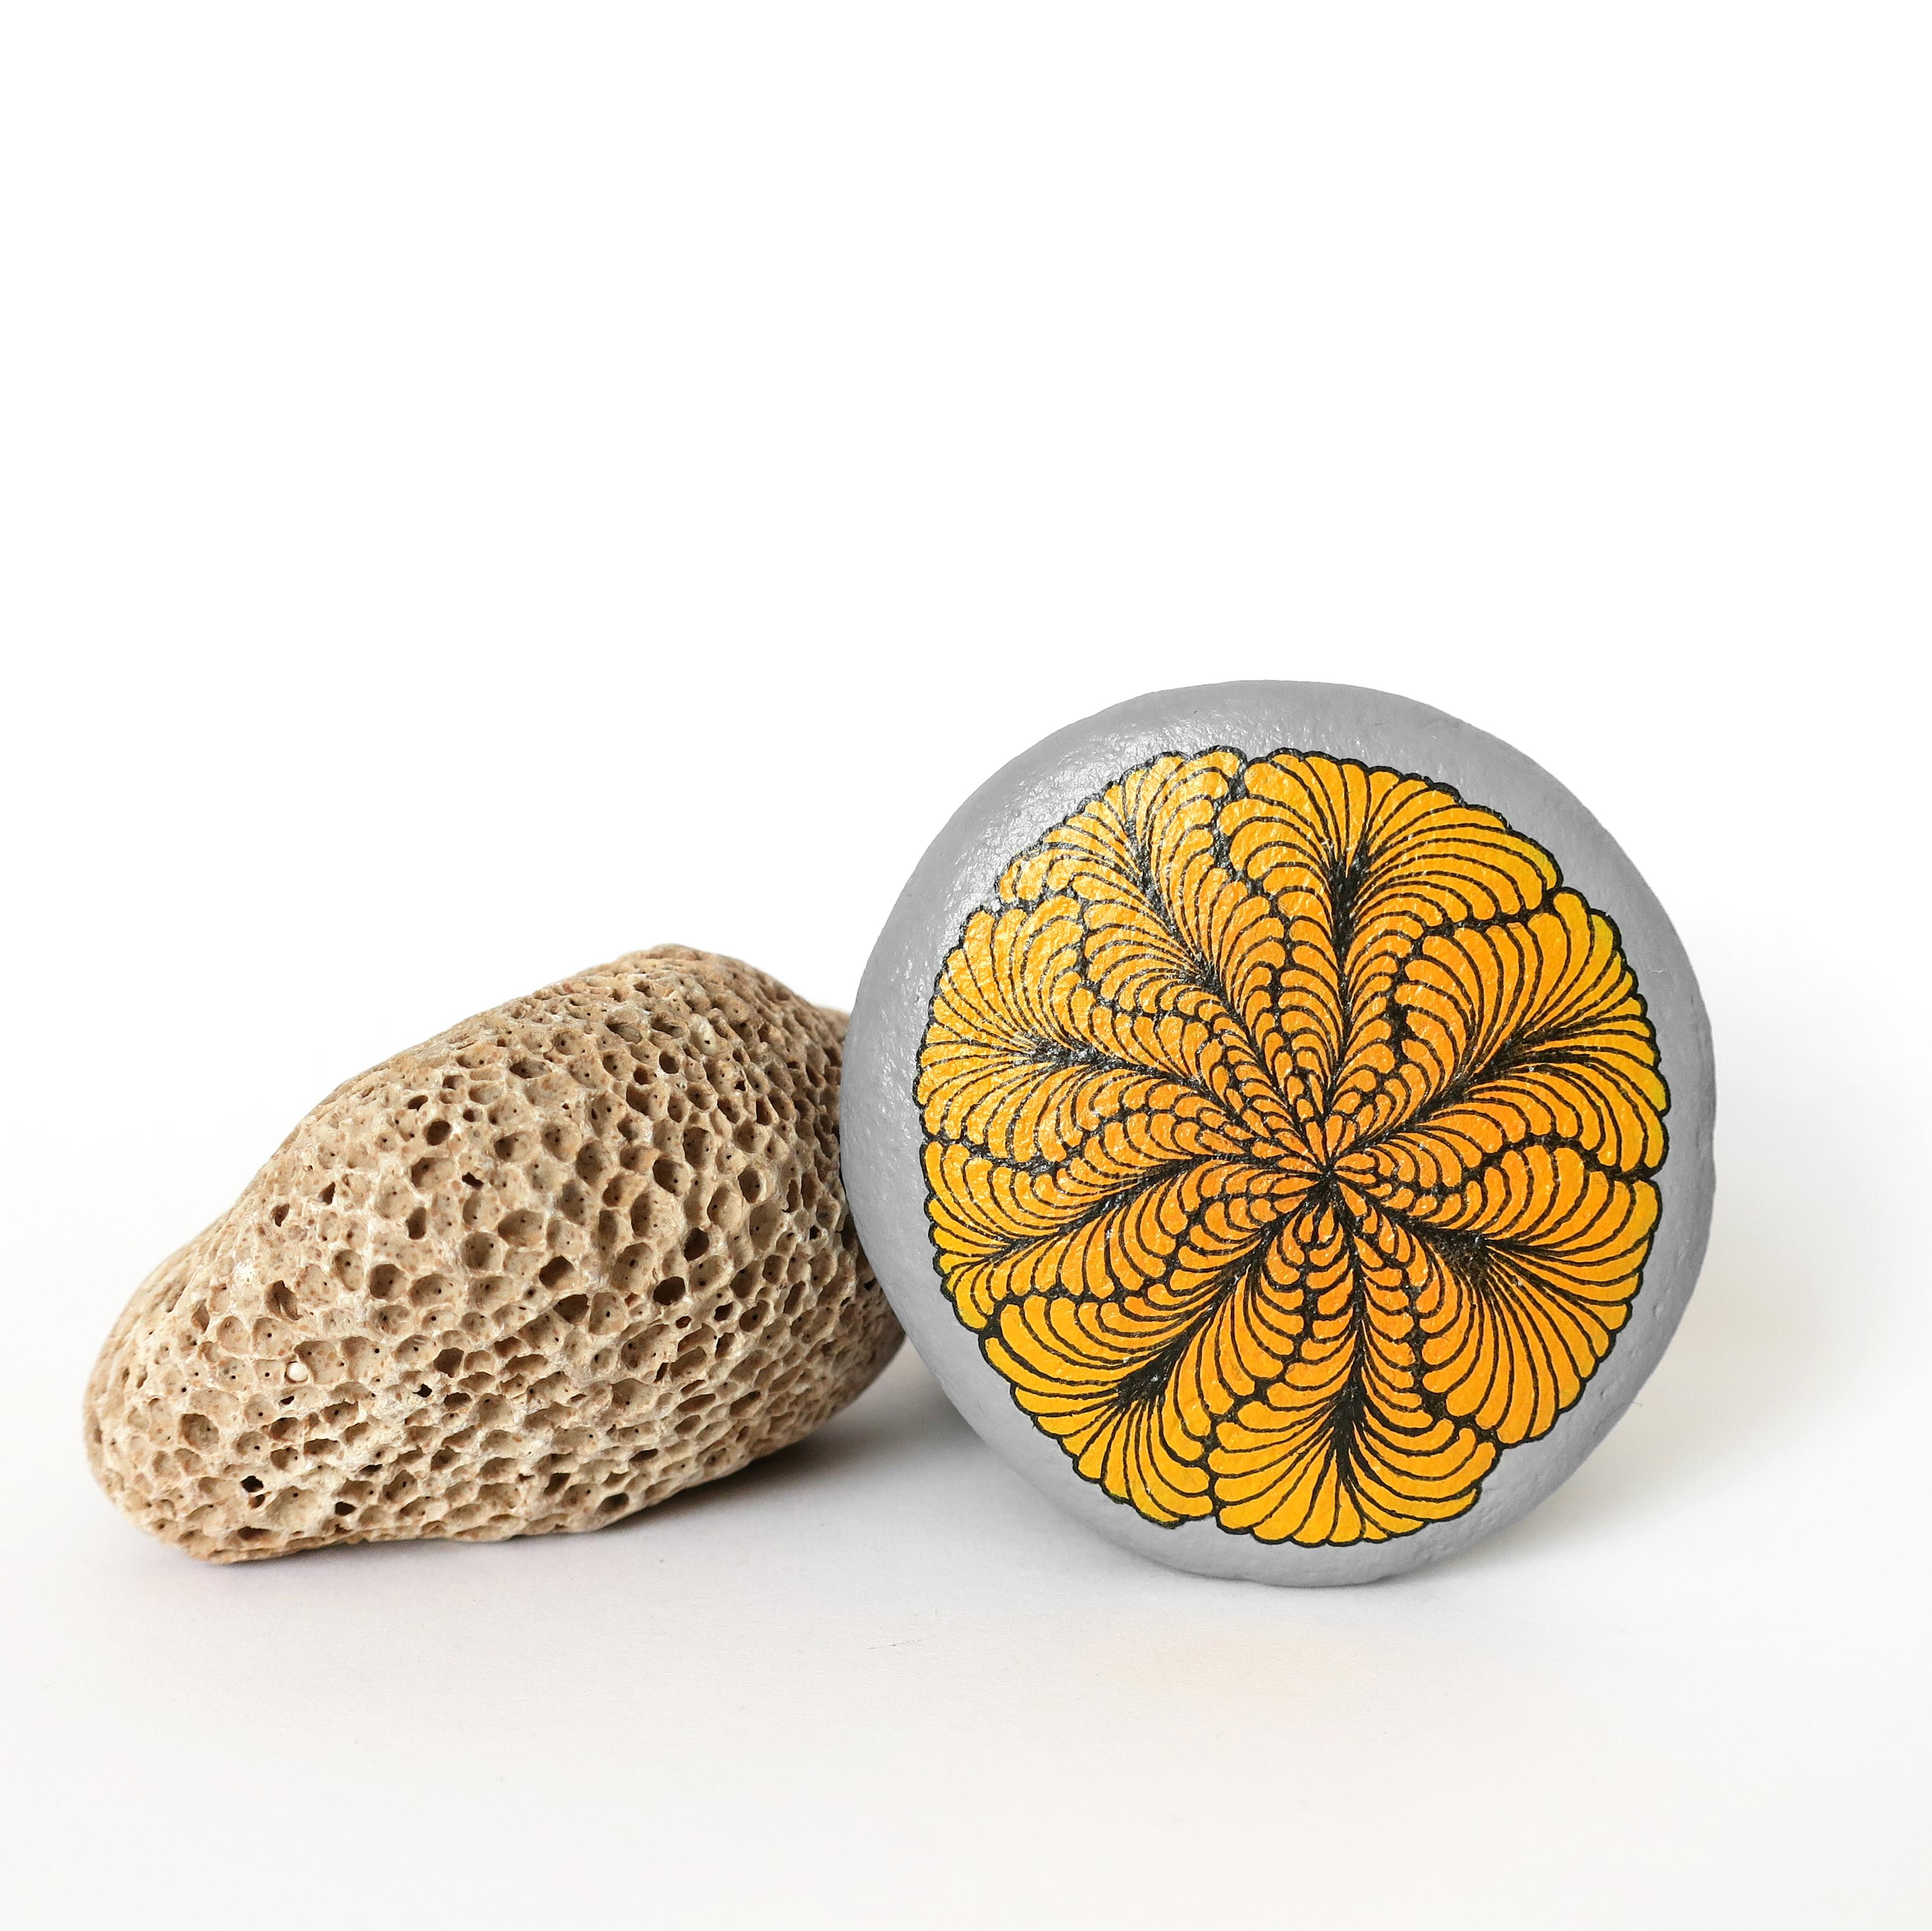 Pendentif galet SPIRALE - peinture acrylique et encres sur galet de rivière percé - fini satiné - anneau argent 925 - tour de cou 43 cm cuir beige 2 mm fermoir argent 925